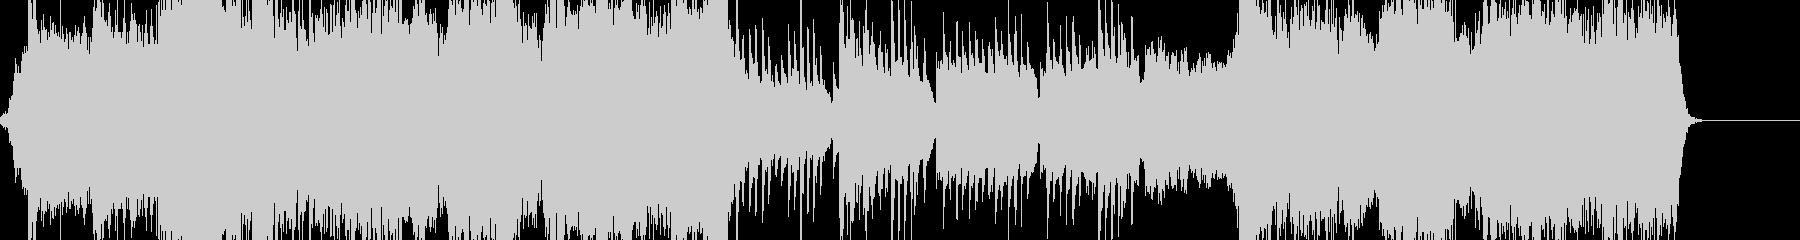 和風=時代劇オープニング風オケ-1の未再生の波形